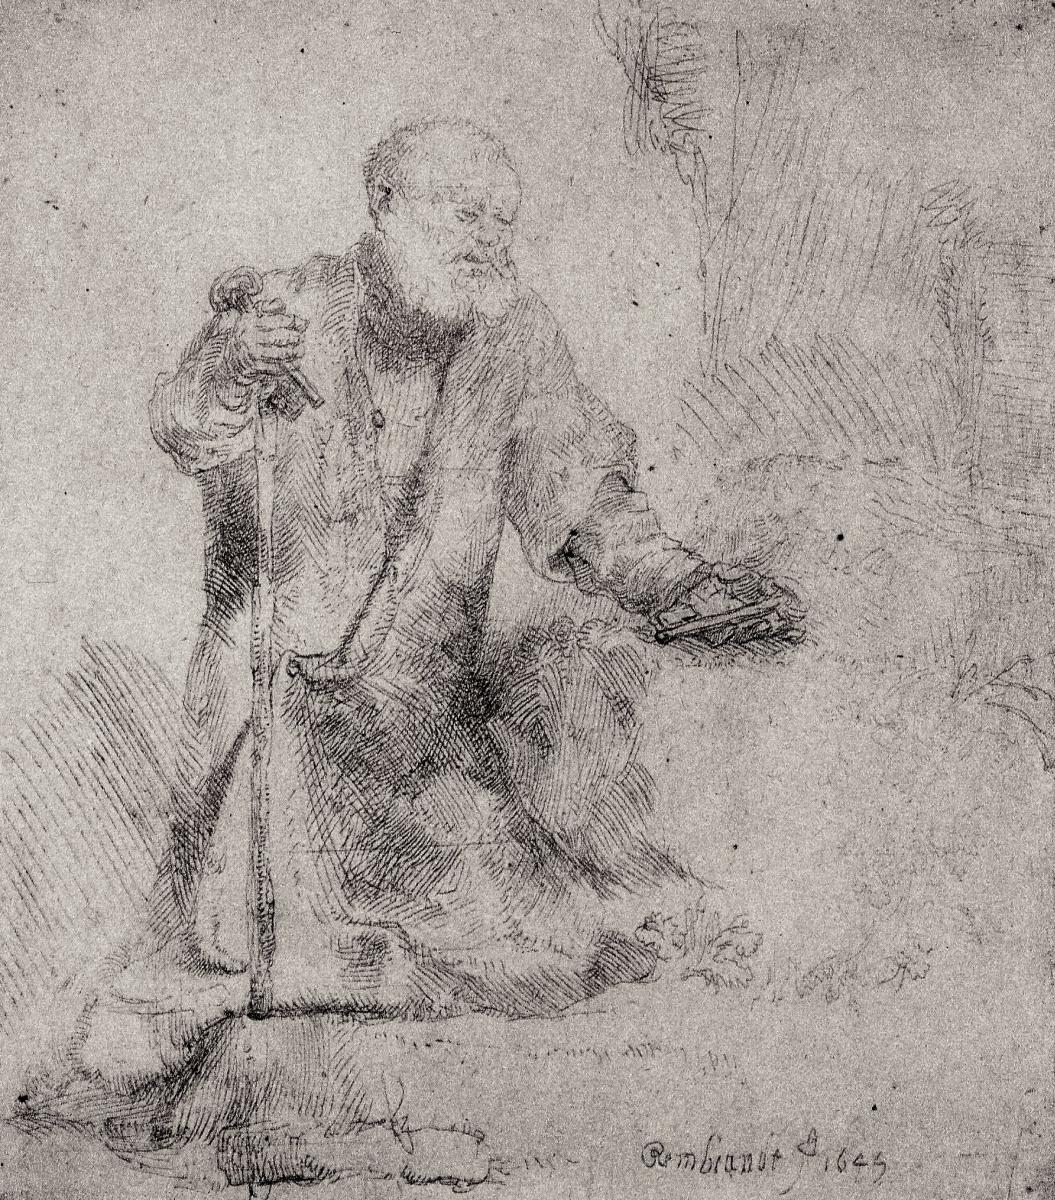 Рембрандт Харменс ван Рейн. Раскаяние святого Петра